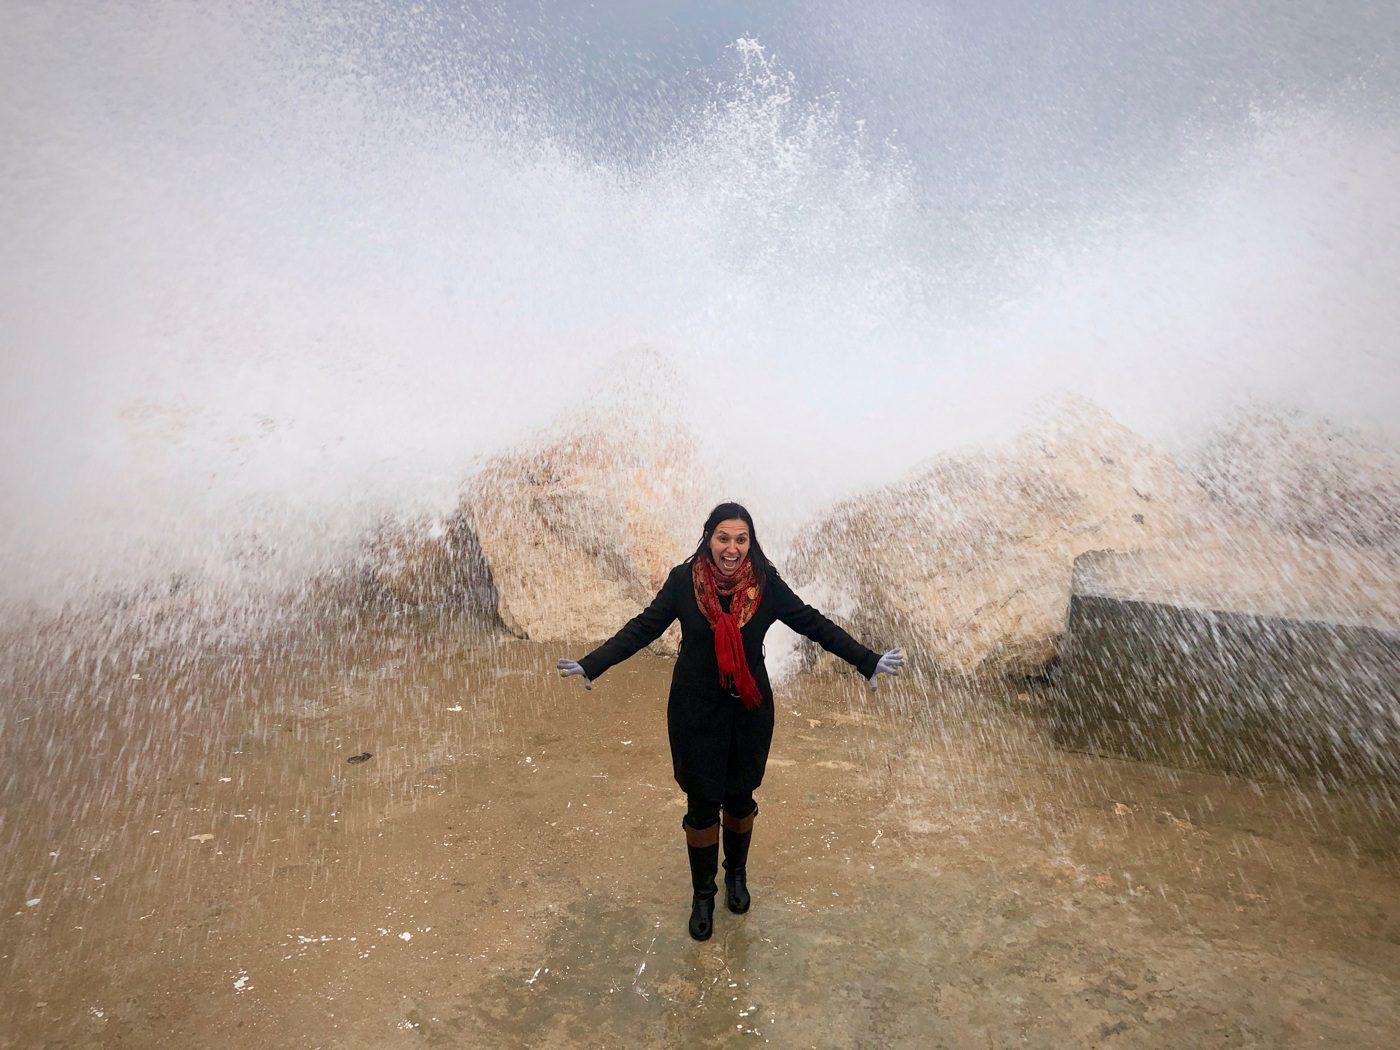 With crashing waves in Halat, Lebanon.